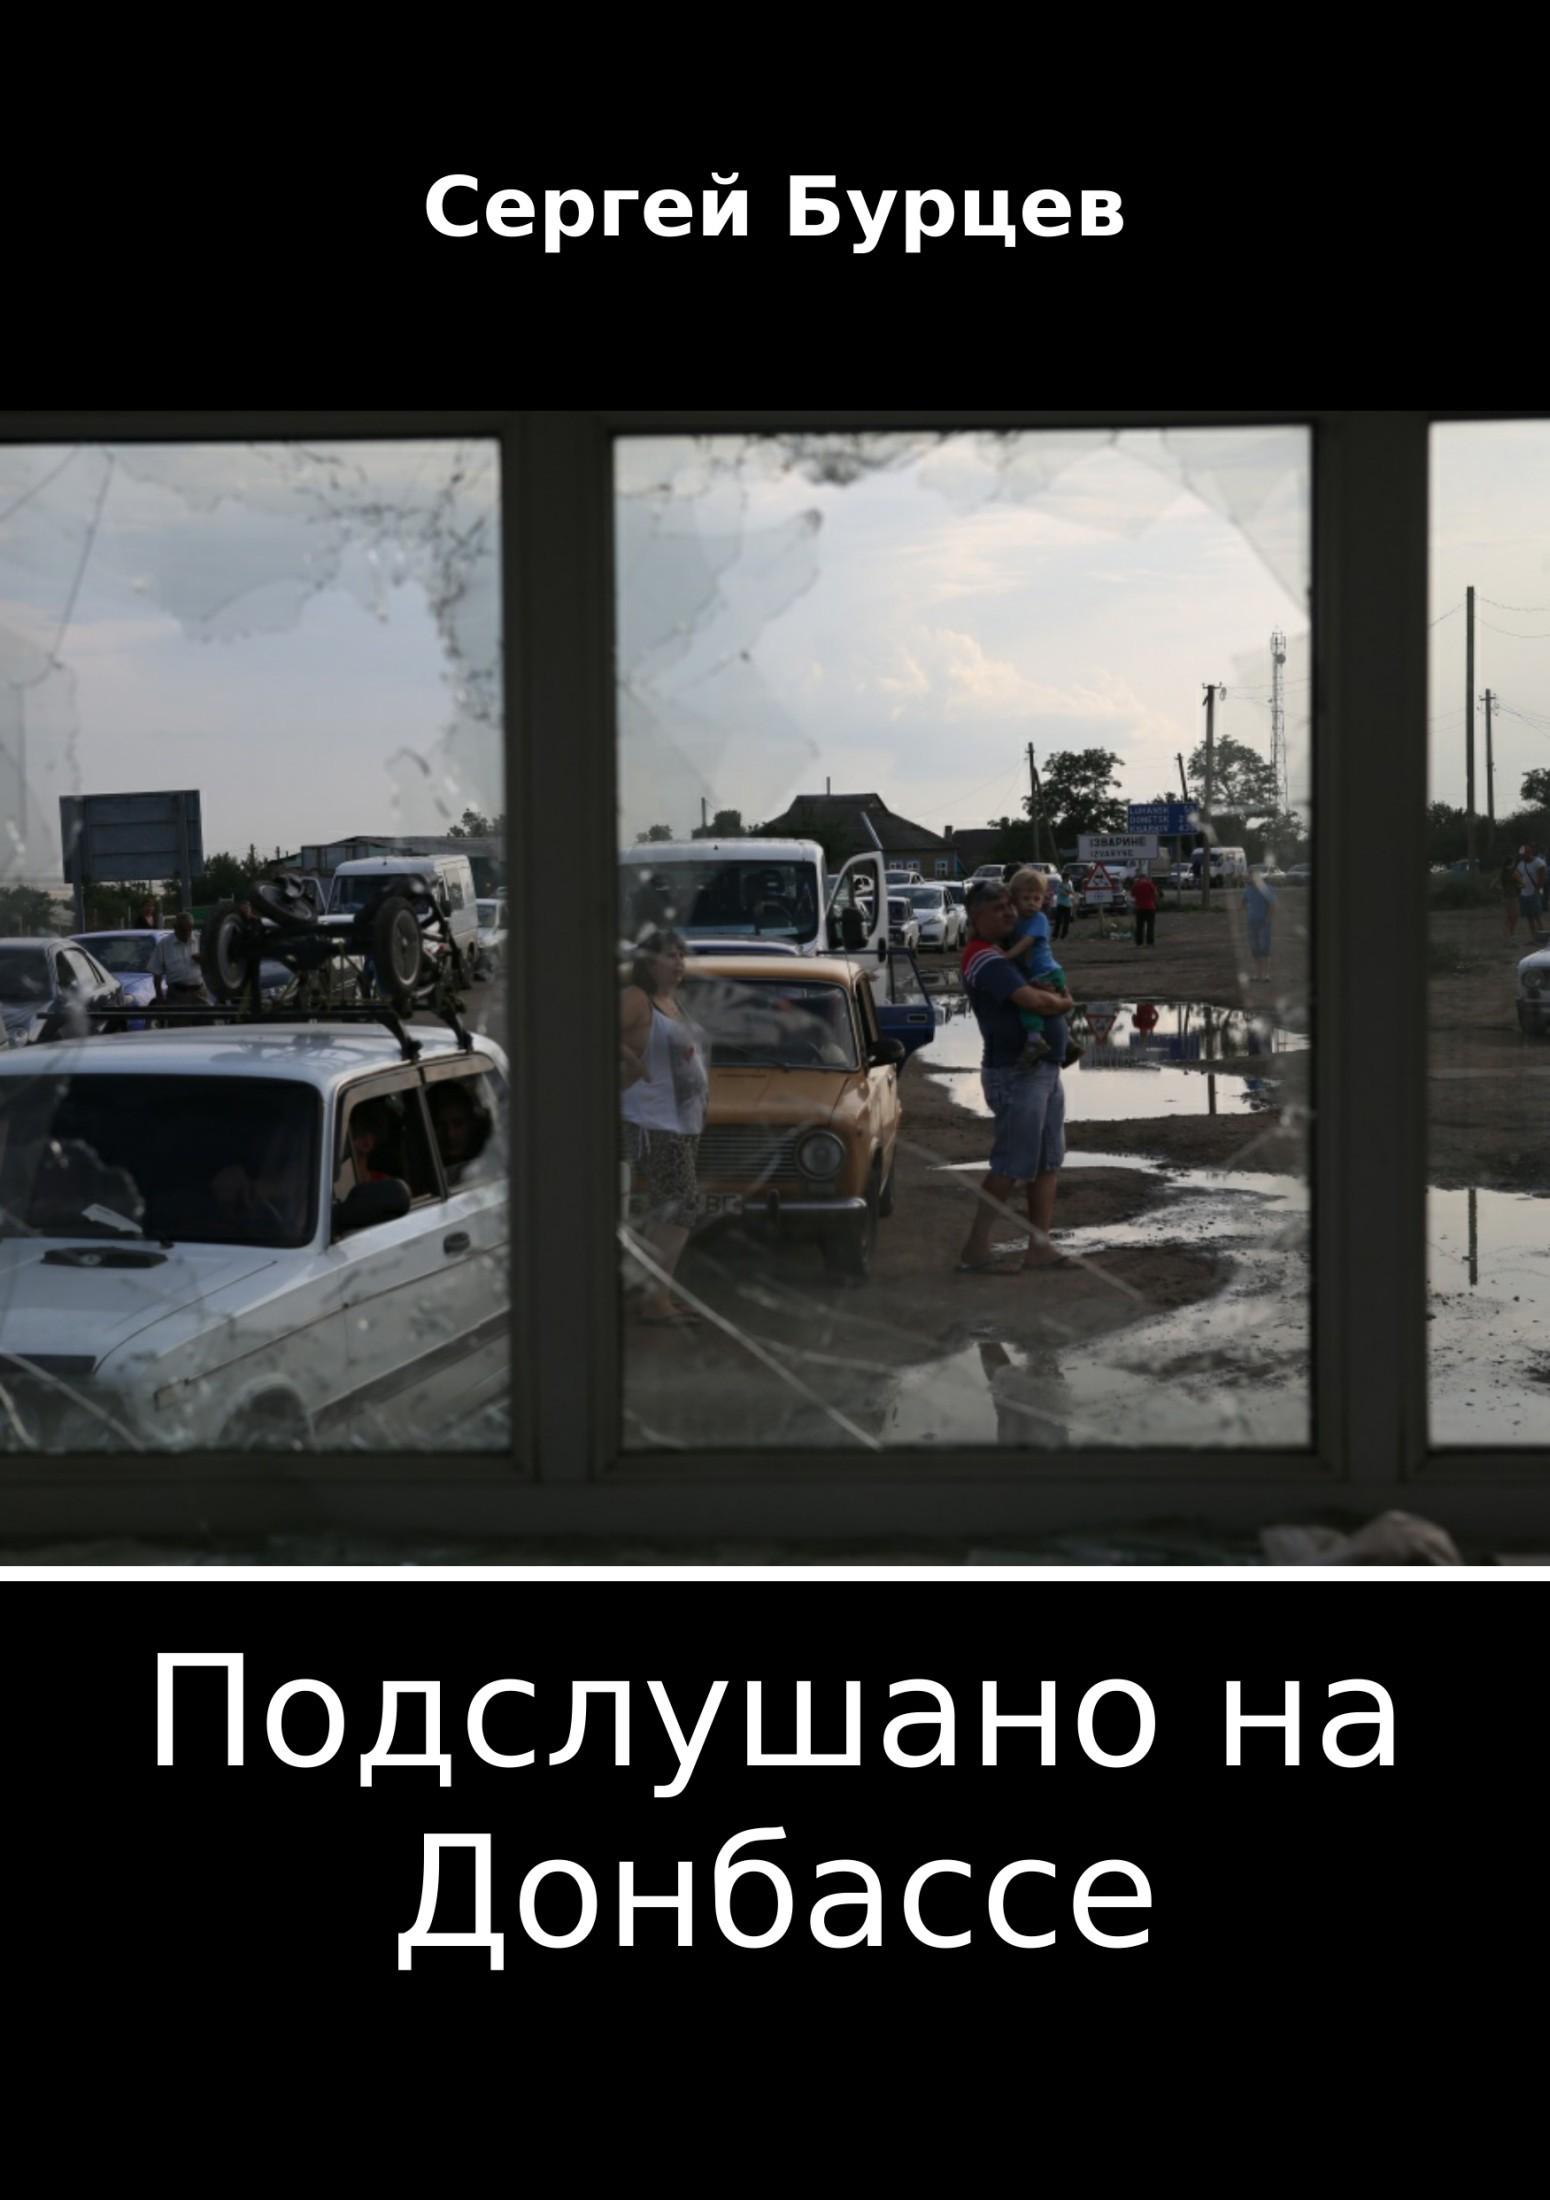 Подслушано на Донбассе